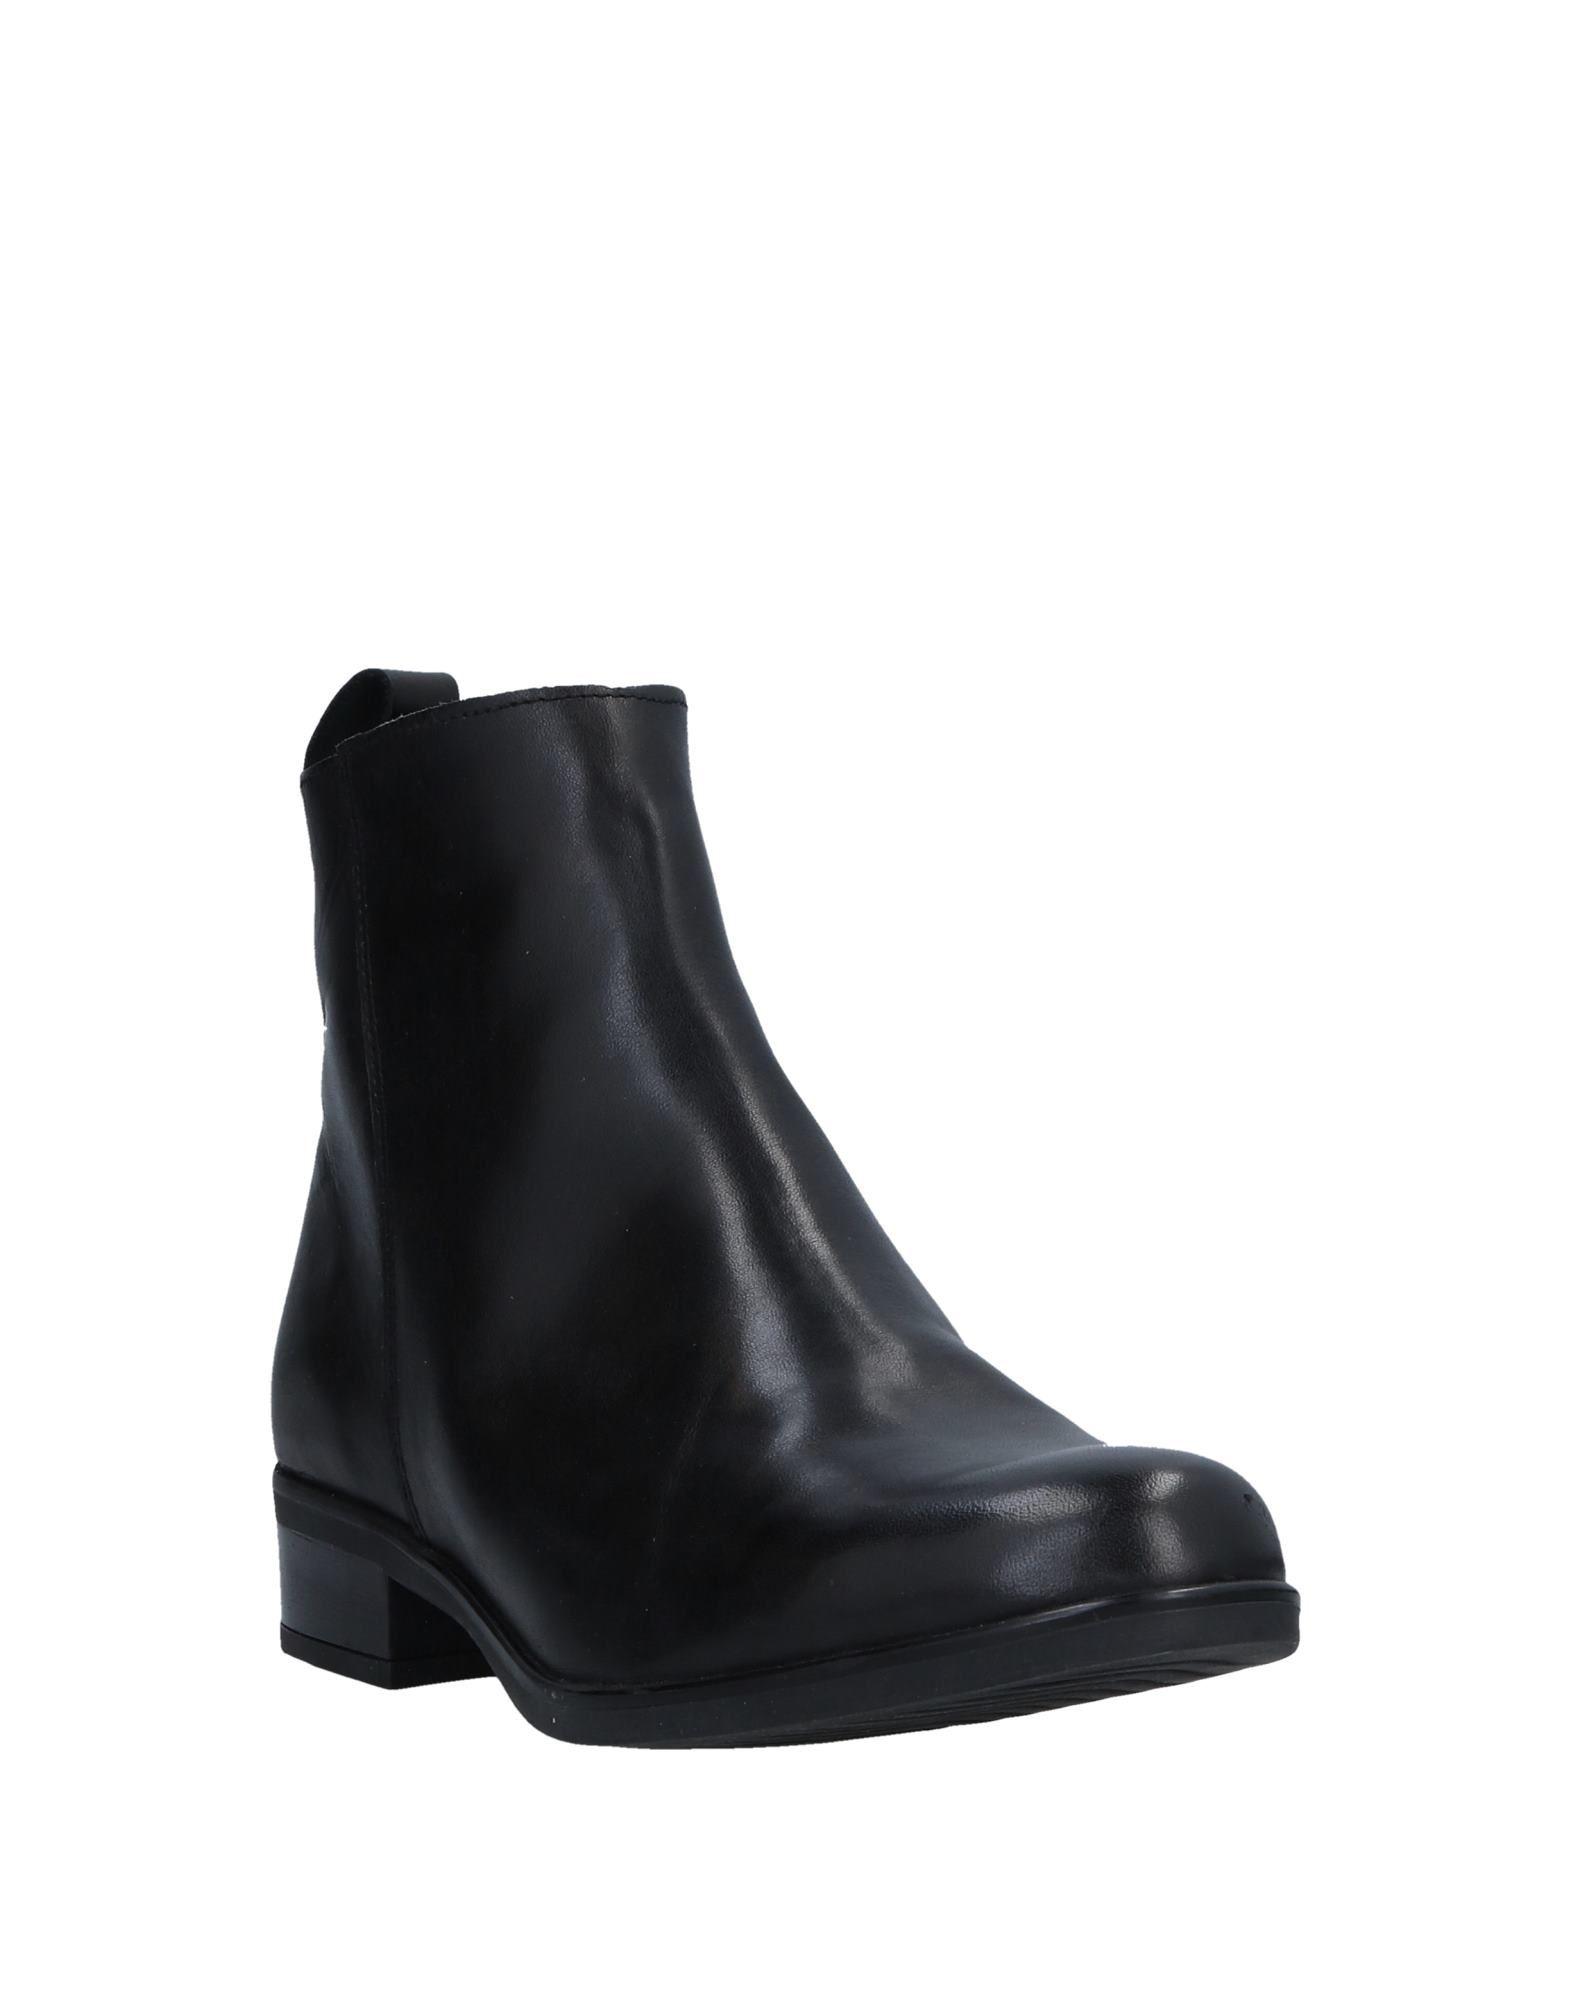 Roberto Della 11531243PX Croce Stiefelette Damen  11531243PX Della Gute Qualität beliebte Schuhe 9f84db